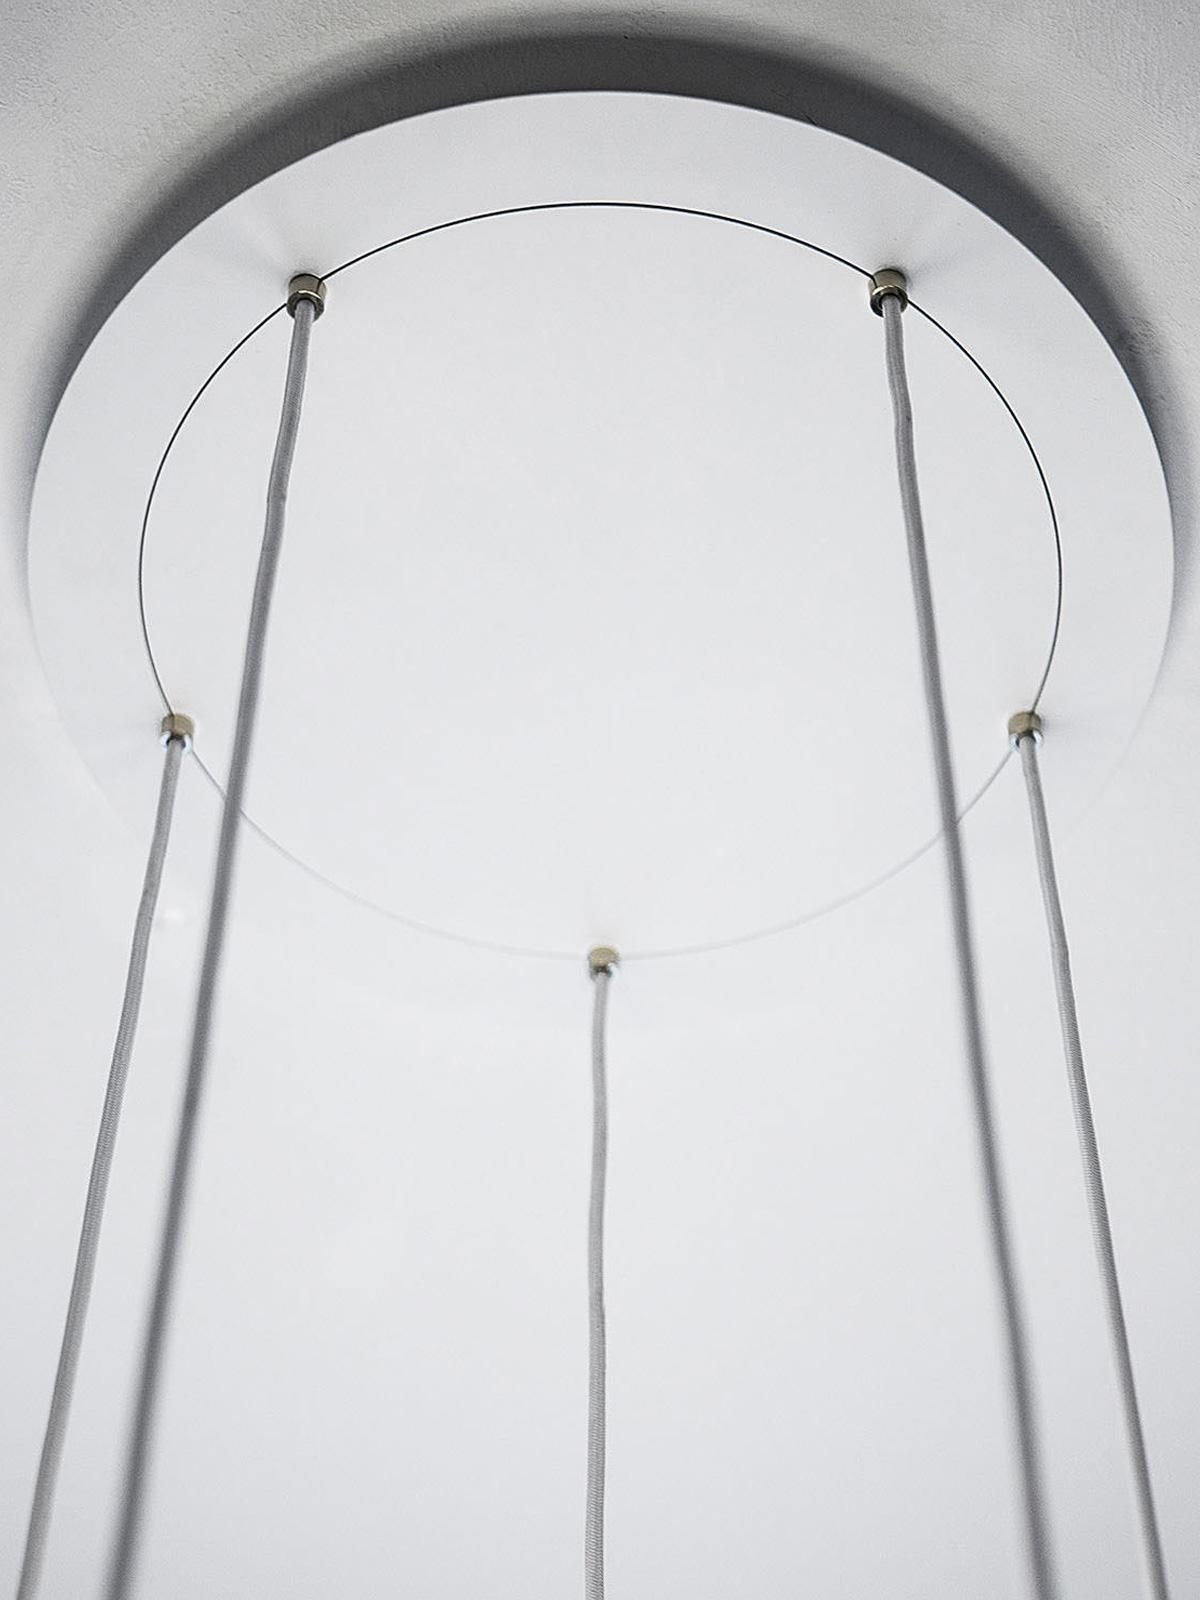 Mehrfachbaldachin für Pearls Chandelier Lüster Formagenda